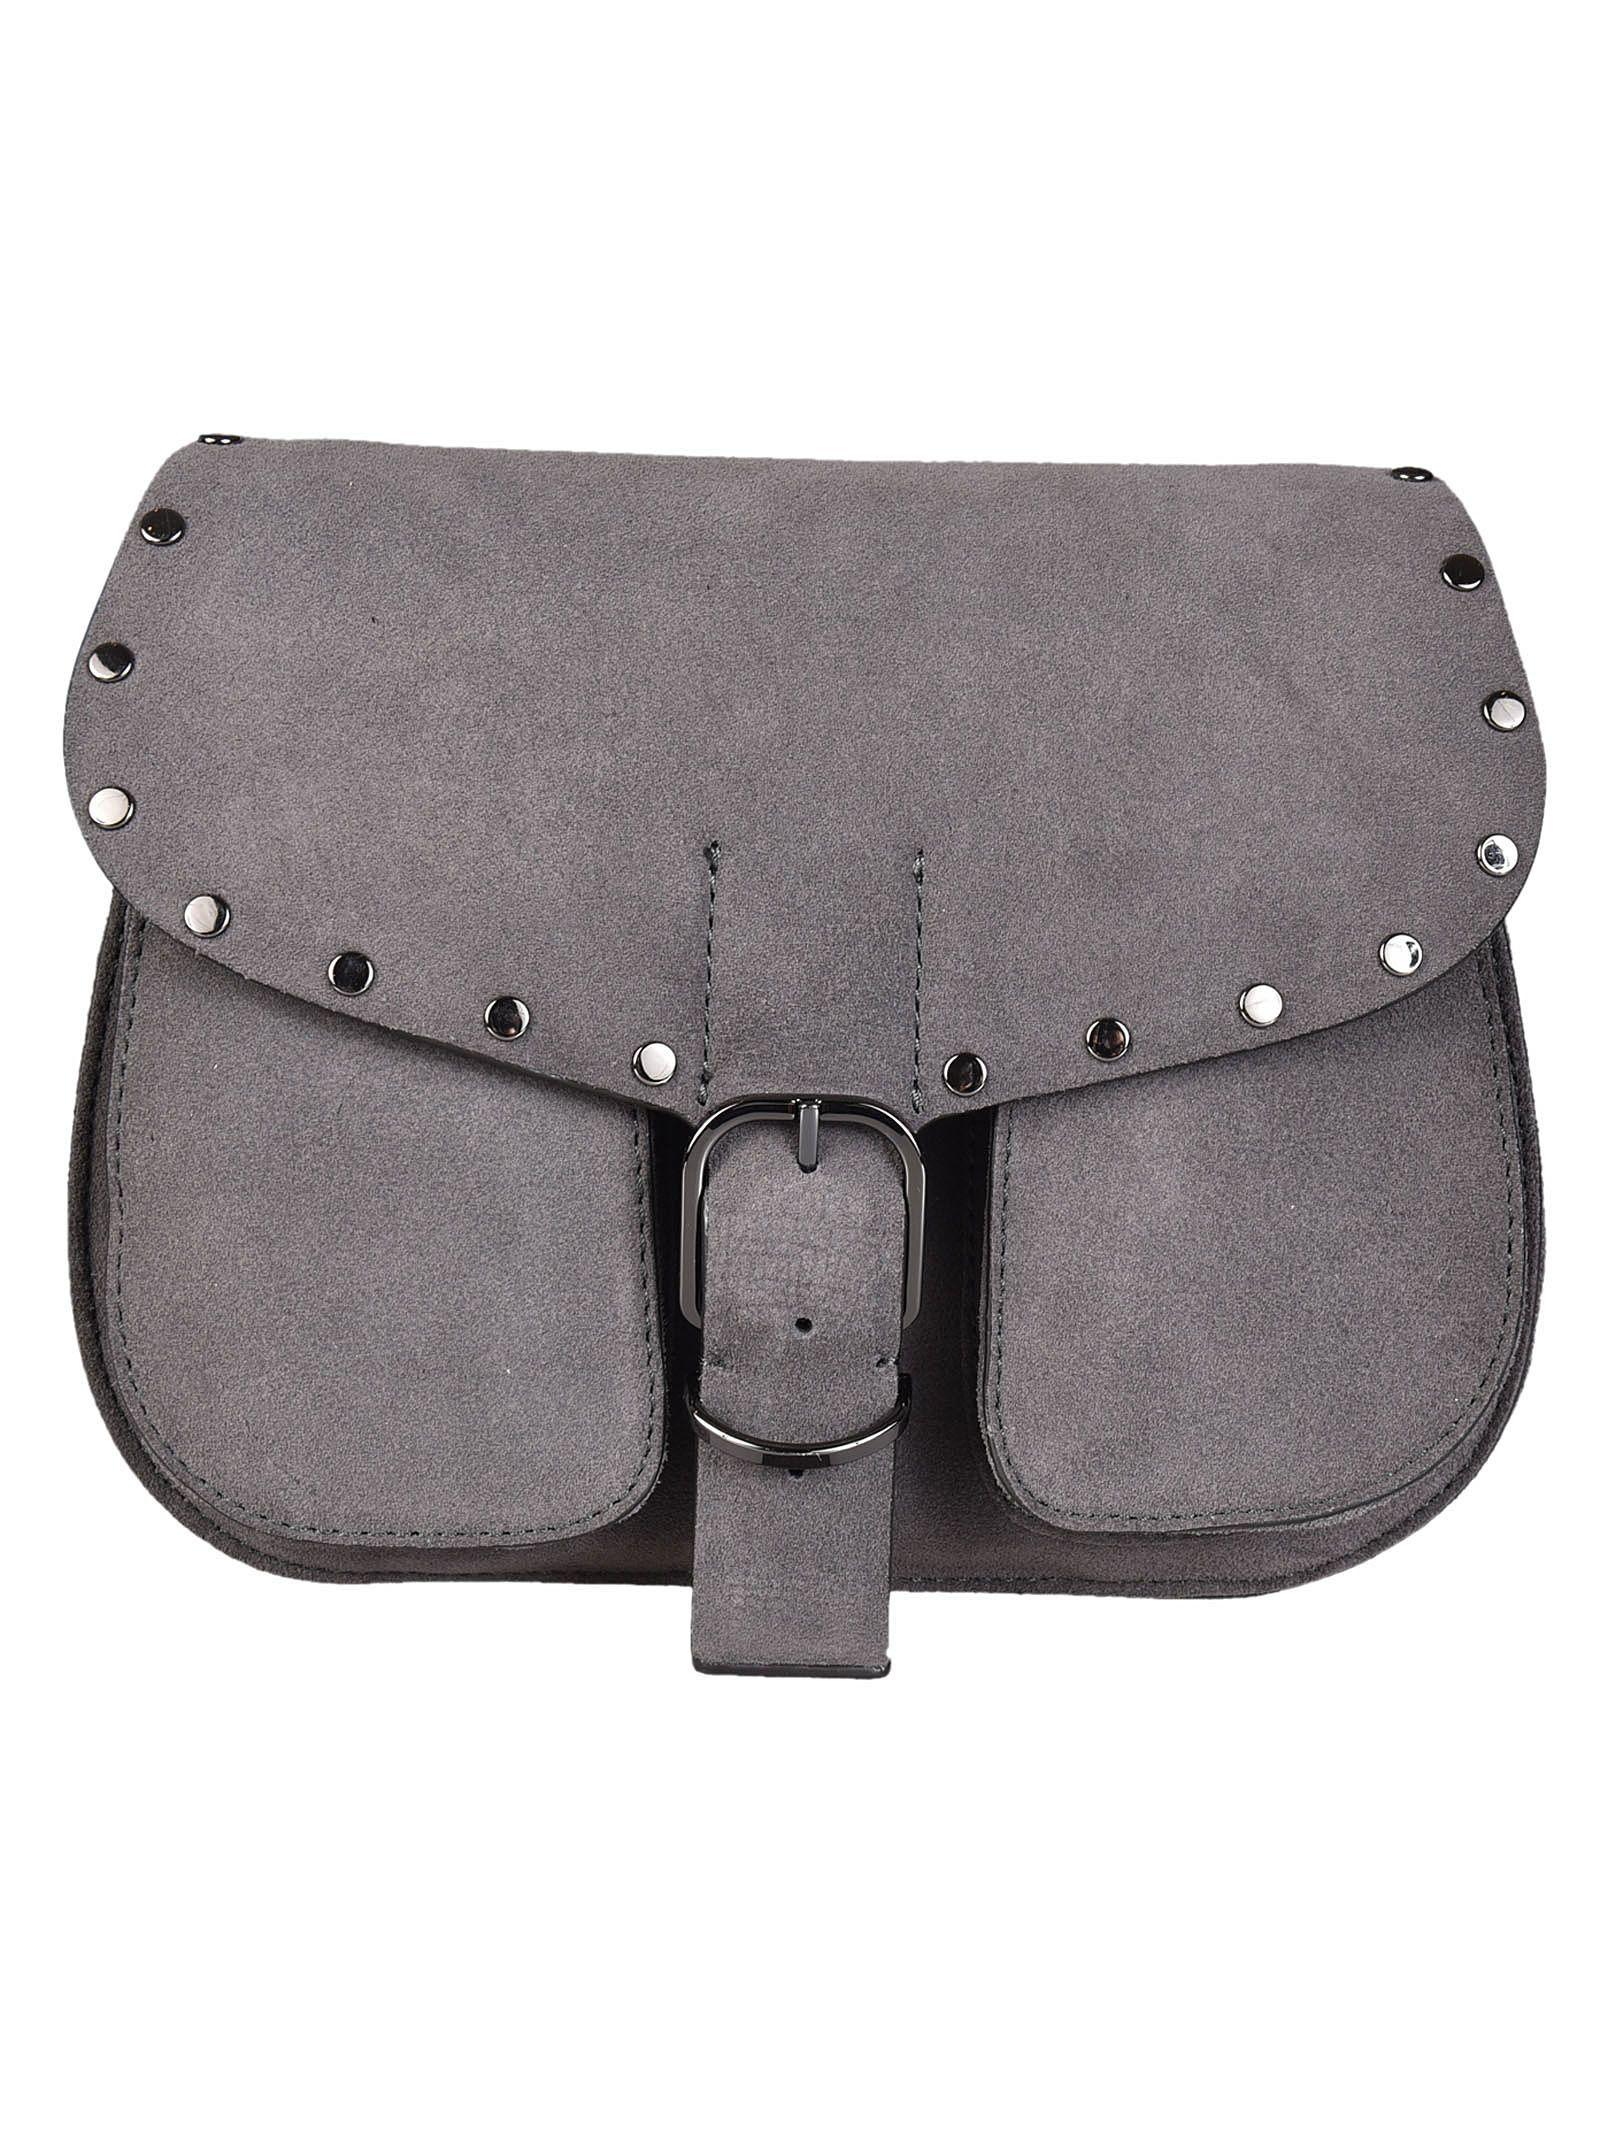 Rebecca Minkoff Biker Shoulder Bag